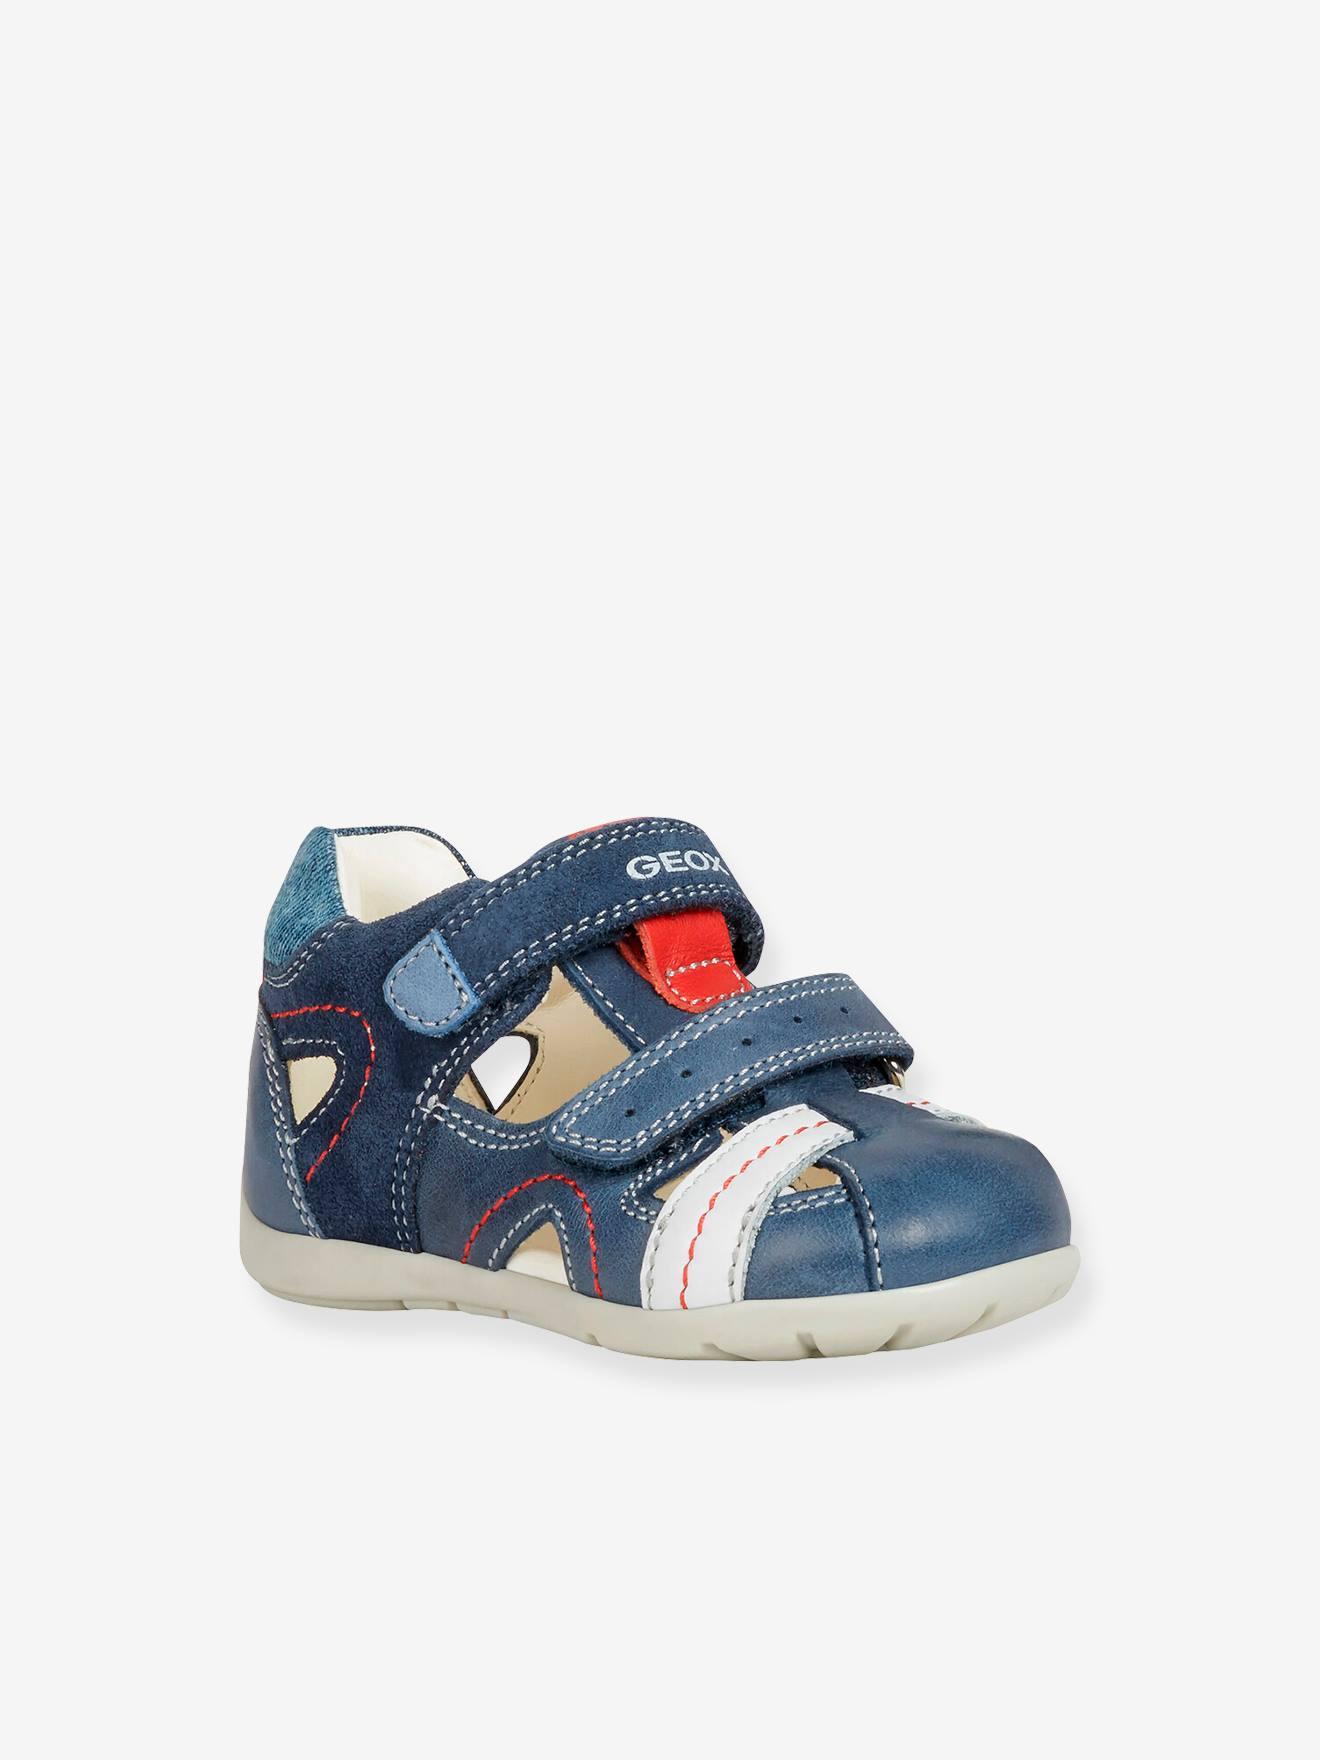 Geox B Kaytan C, Chaussures Marche bébé garçon